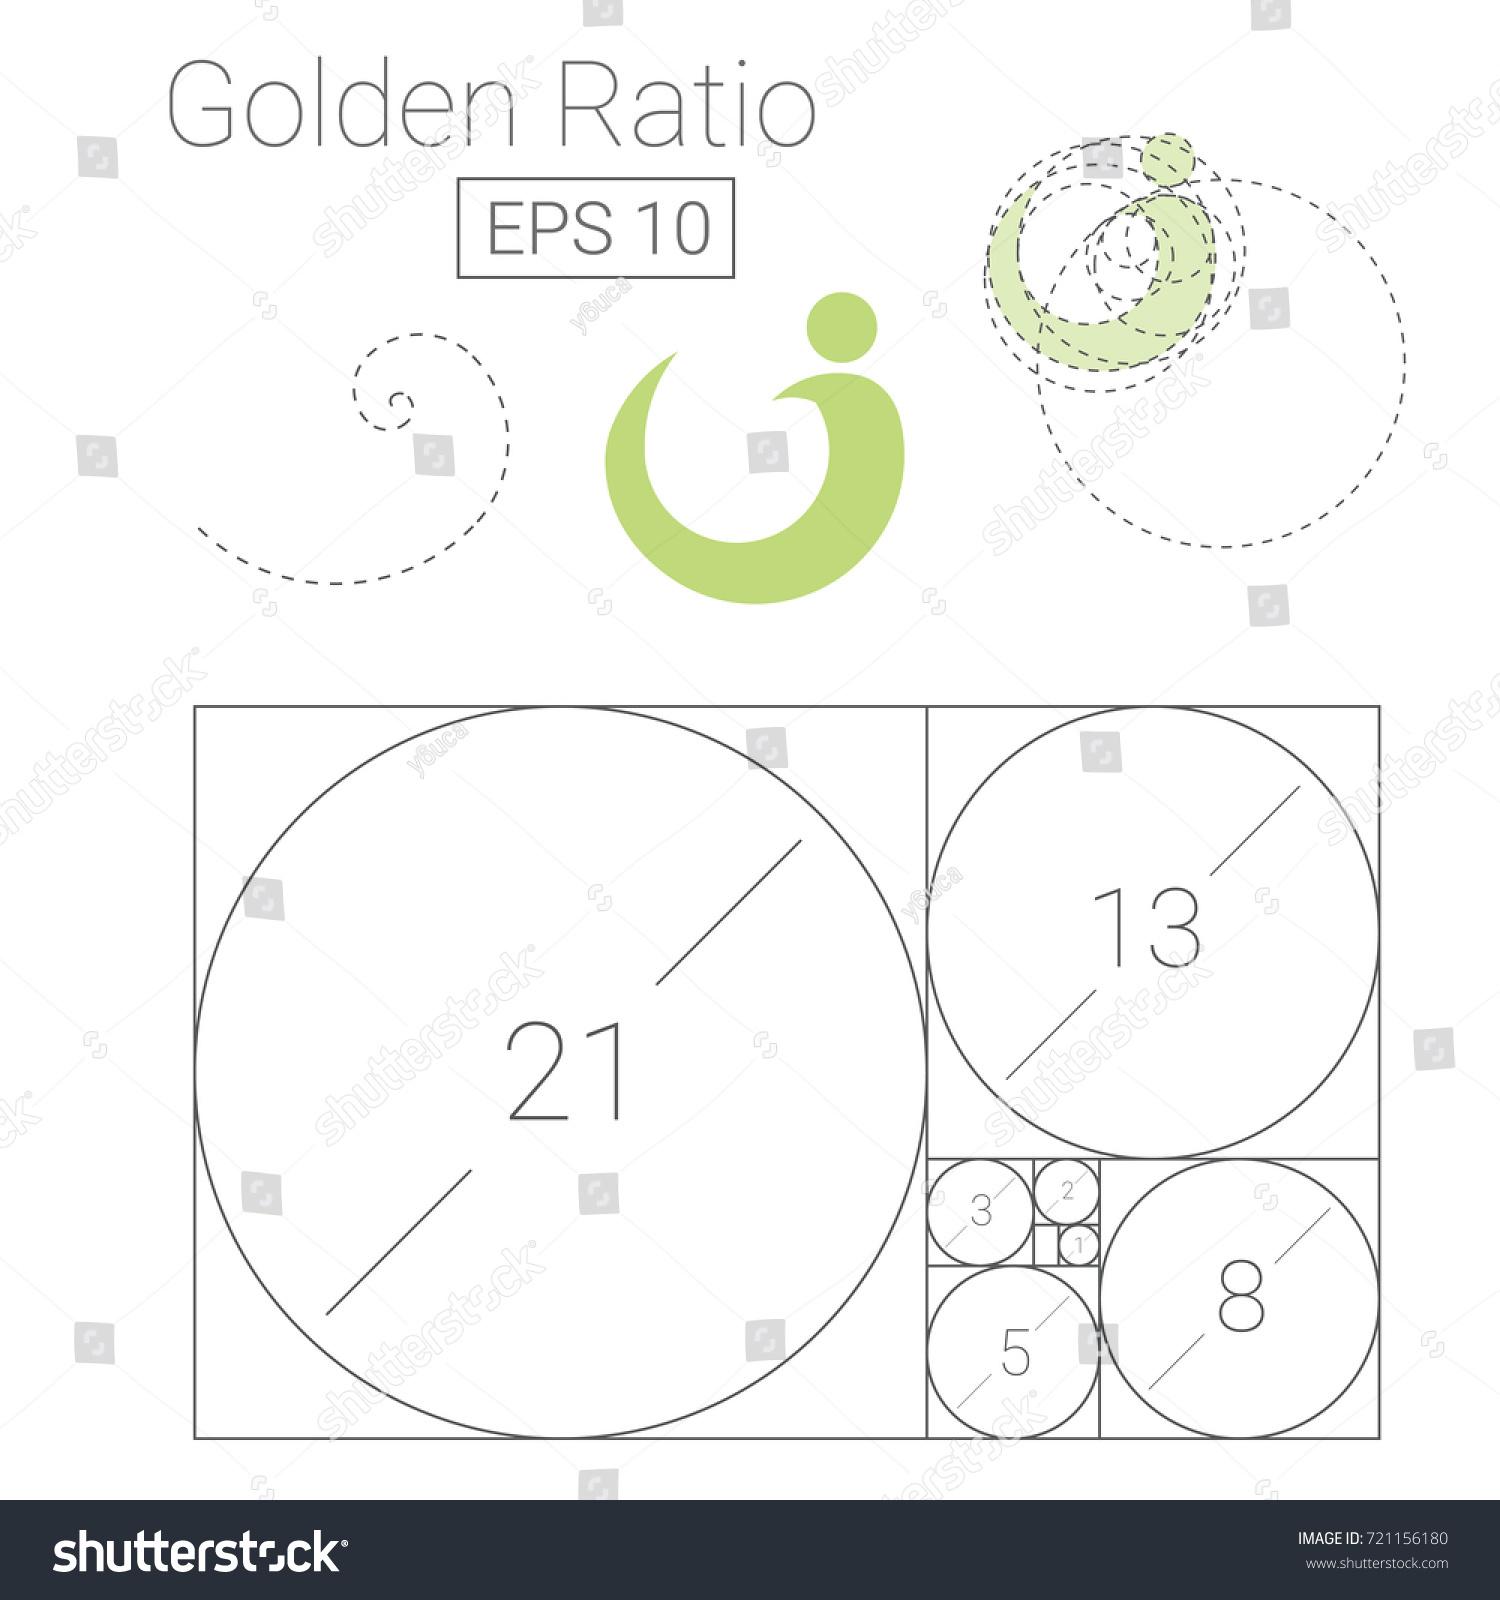 Ausgezeichnet Golden Ratio Vorlage Galerie - Beispiel Wiederaufnahme ...